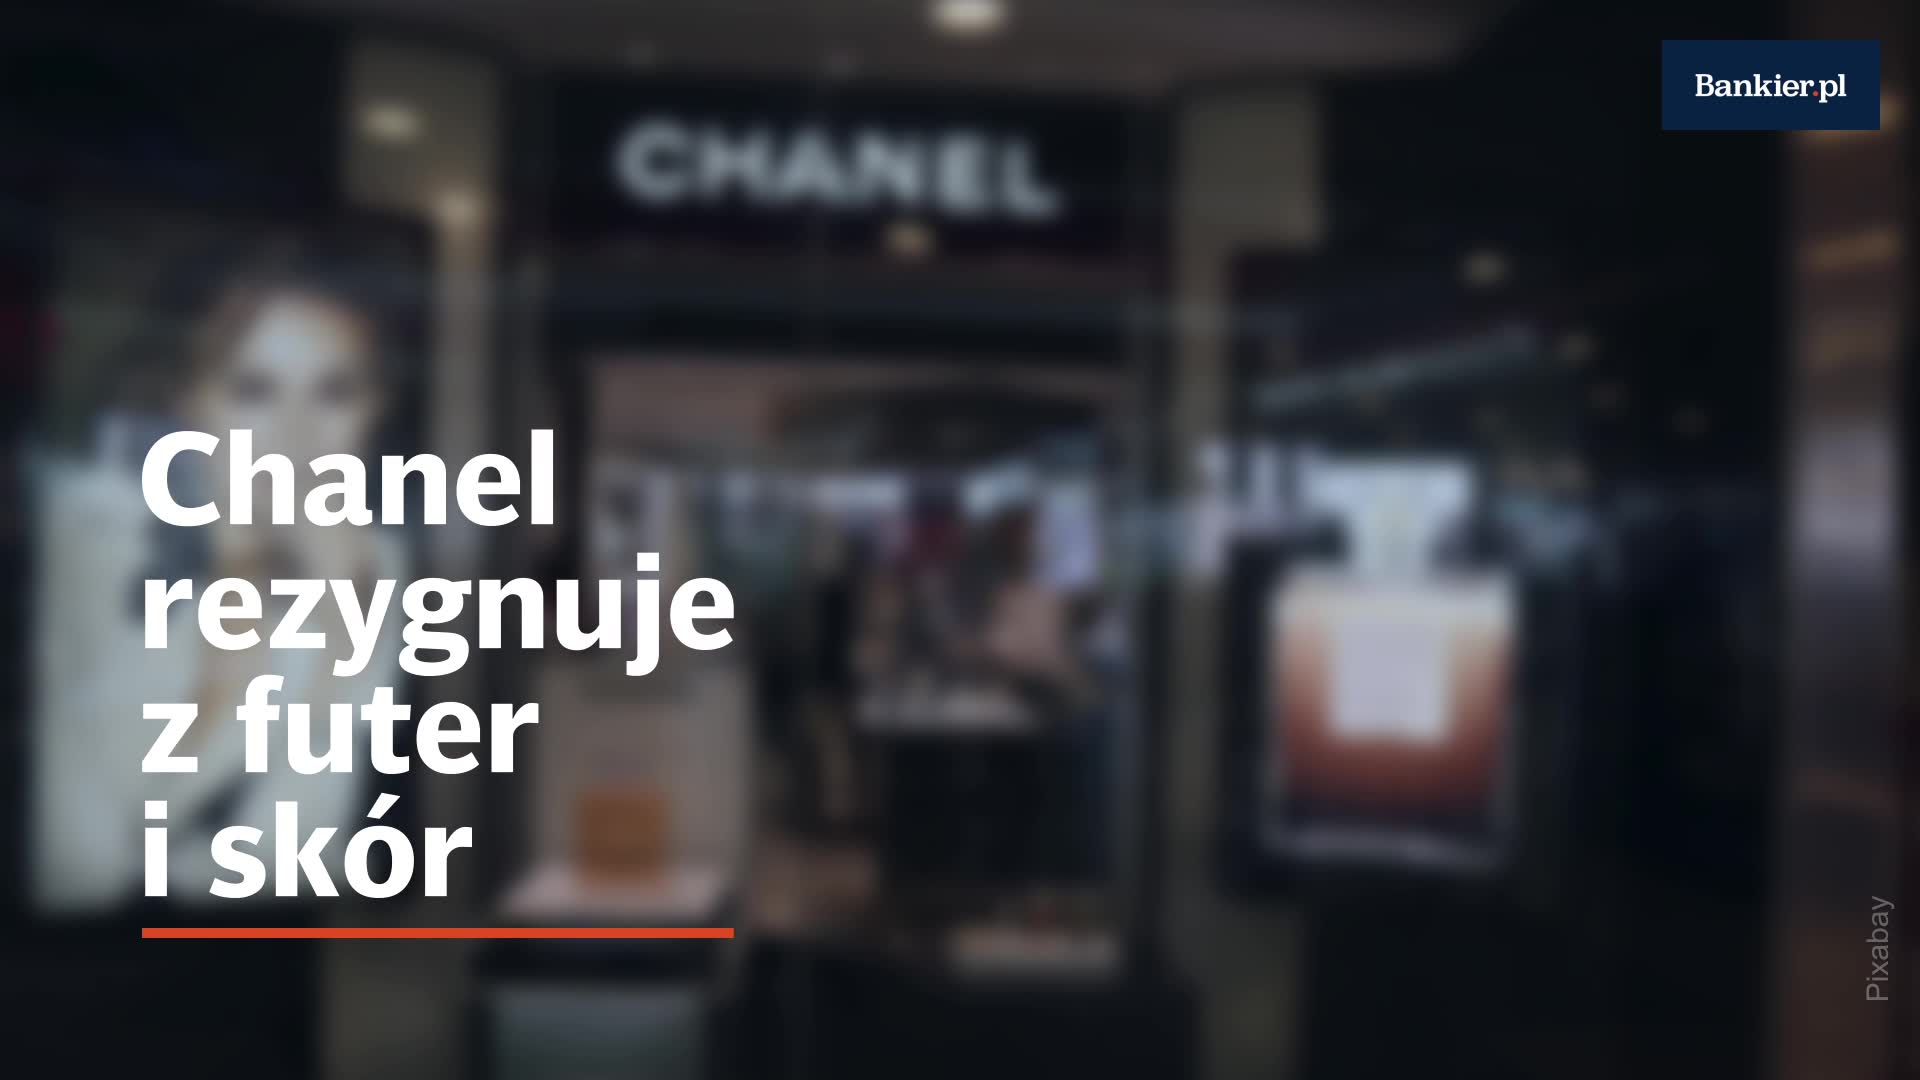 Chanel rezygnuje z futer i skór egzotycznych zwierząt